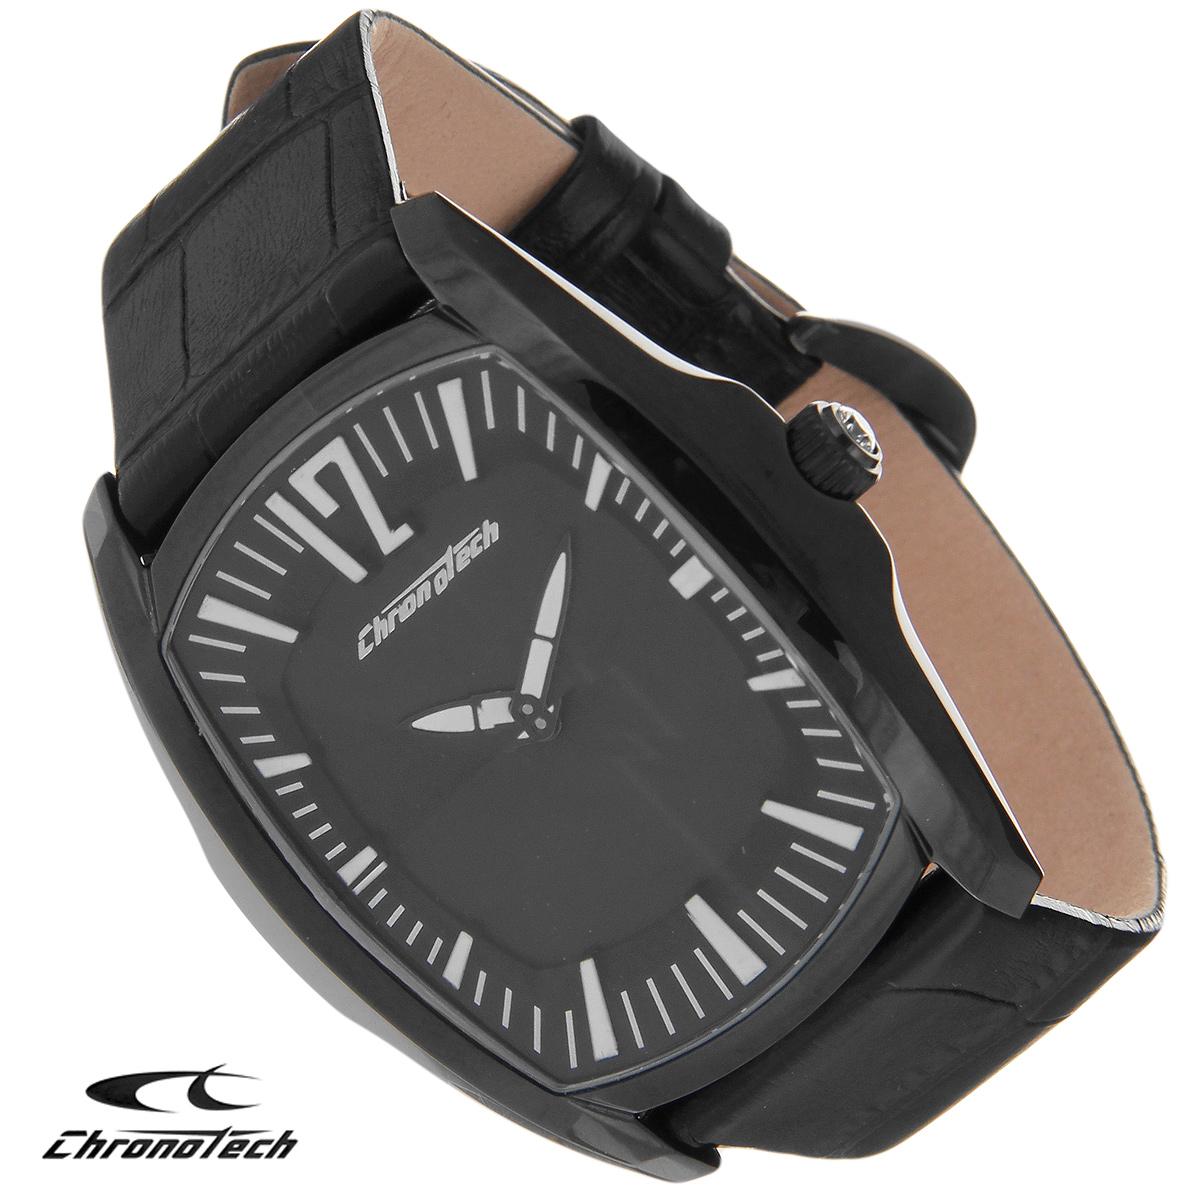 Часы мужские наручные Chronotech, цвет: черный. CT.7219M/0371069с-2Часы Chronotech - это часы для современных и стильных людей, которые стремятся выделиться из толпы и подчеркнуть свою индивидуальность. Корпус часов выполнен из нержавеющей стали с PVD-покрытием. Циферблат оформлен отметками и защищен минеральным стеклом. Часы имеют две стрелки - часовую и минутную. Стрелки светятся в темноте. Ремешок часов выполнен из натуральной кожи и застегивается на классическую застежку. Часы упакованы в фирменную коробку с логотипом компании Chronotech. Такой аксессуар добавит вашему образу стиля и подчеркнет безупречный вкус своего владельца.Характеристики: Размер циферблата: 3 см х 4 см.Размер корпуса: 4 см х 5 см х 1 см.Длина ремешка (с корпусом): 23,5 см.Ширина ремешка: 2 см.